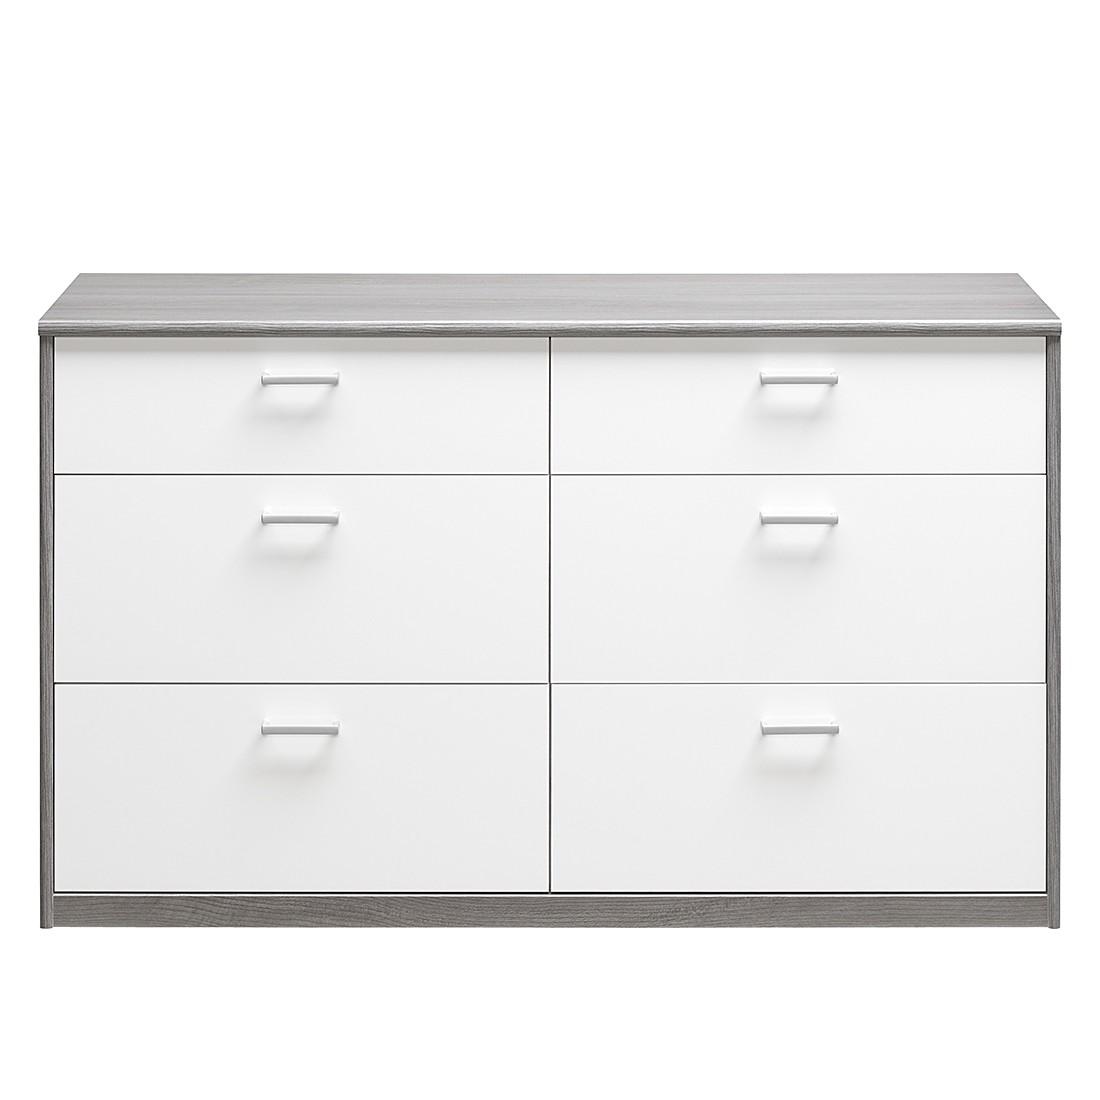 schubladenkommode soft plus iii silbereiche dekor hochglanz wei cs schmal jetzt kaufen. Black Bedroom Furniture Sets. Home Design Ideas